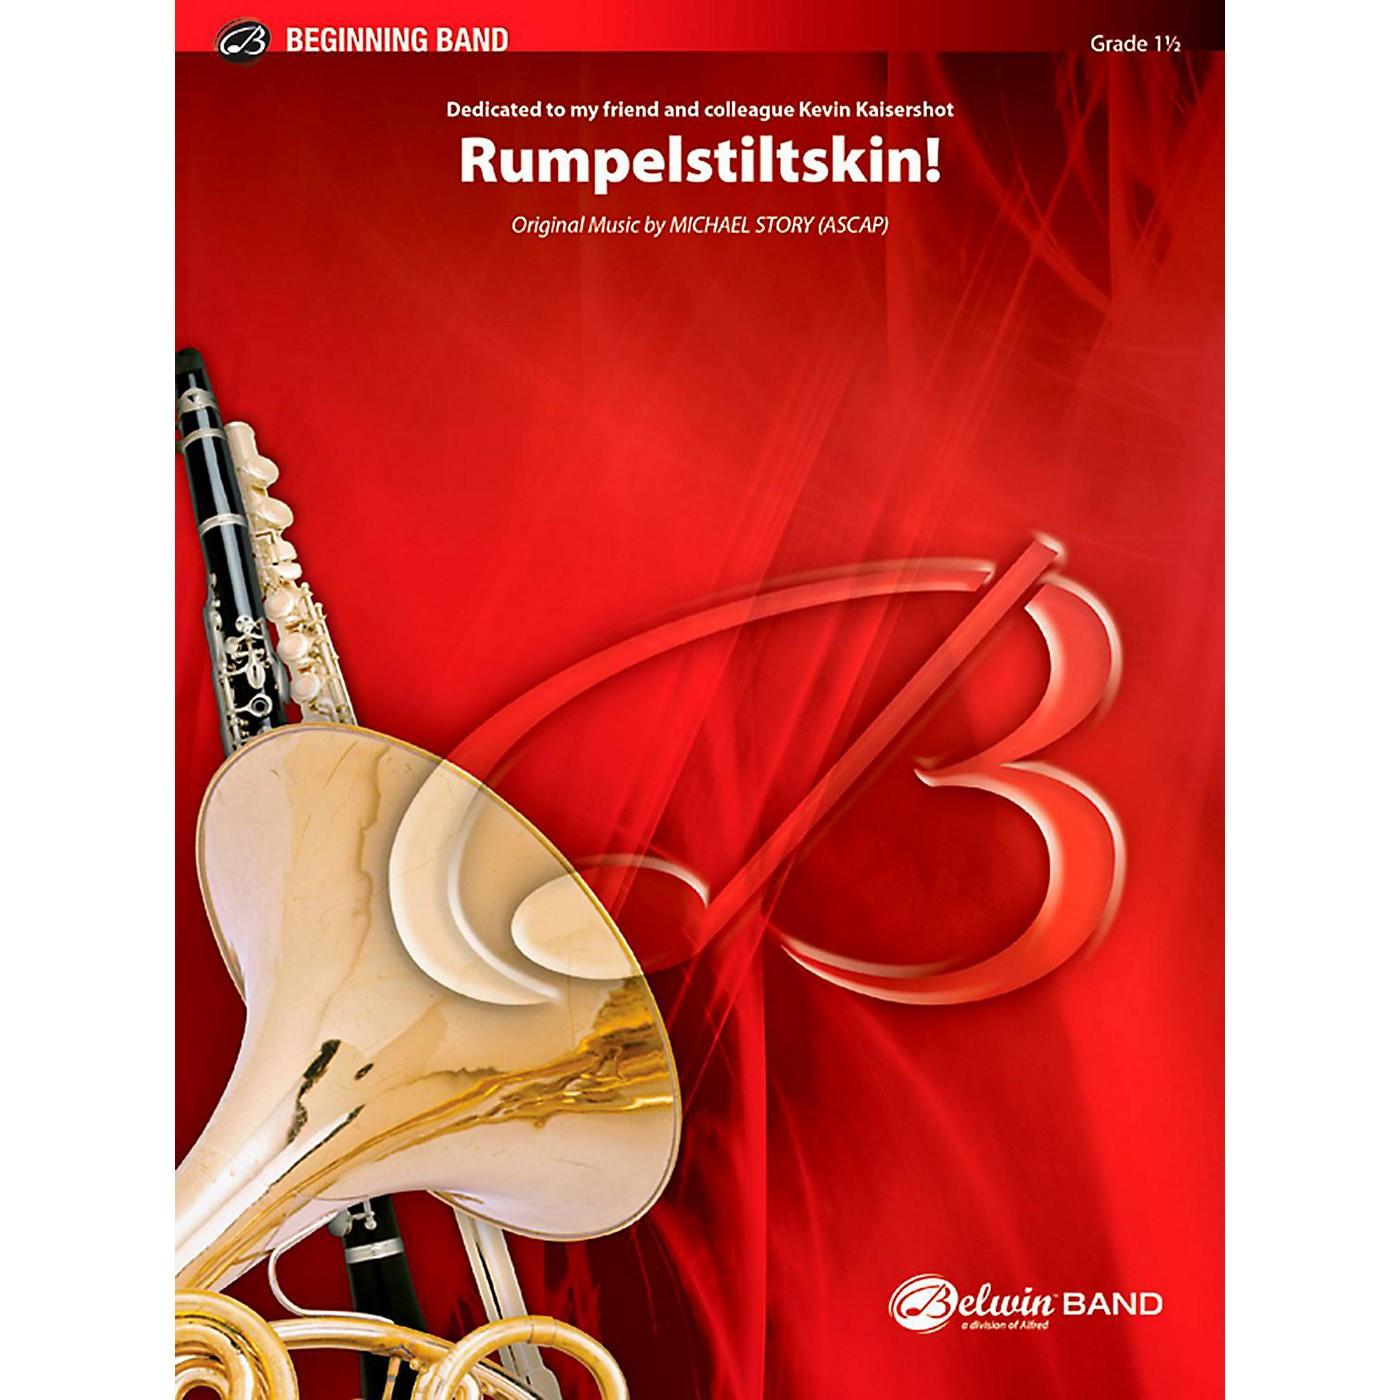 BELWIN Rumpelstiltskin! Concert Band Grade 1.5 (Very Easy to Easy) thumbnail